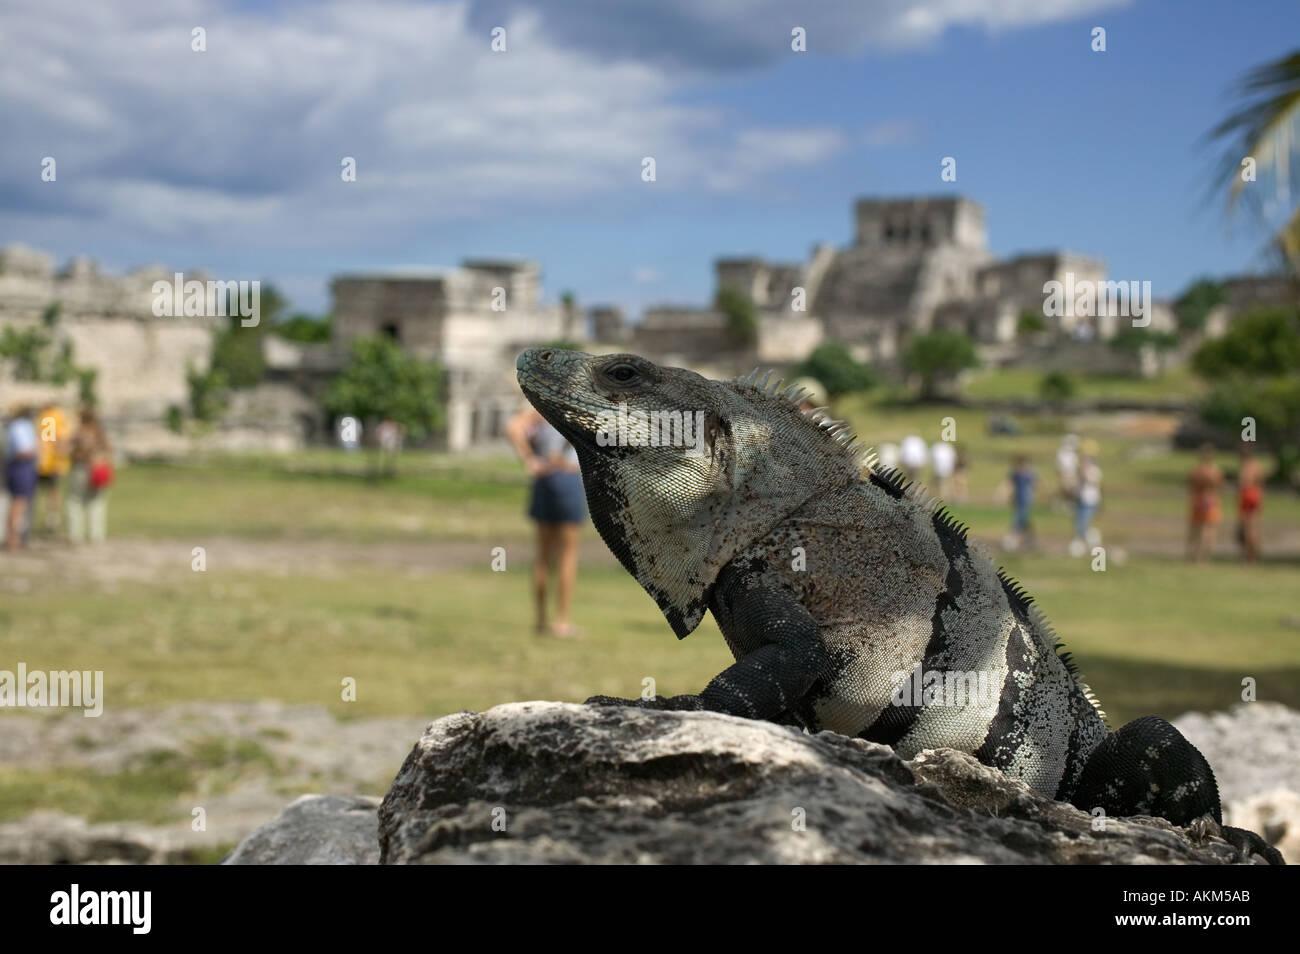 Iguana at Mayan ruins Tulum Mexico - Stock Image